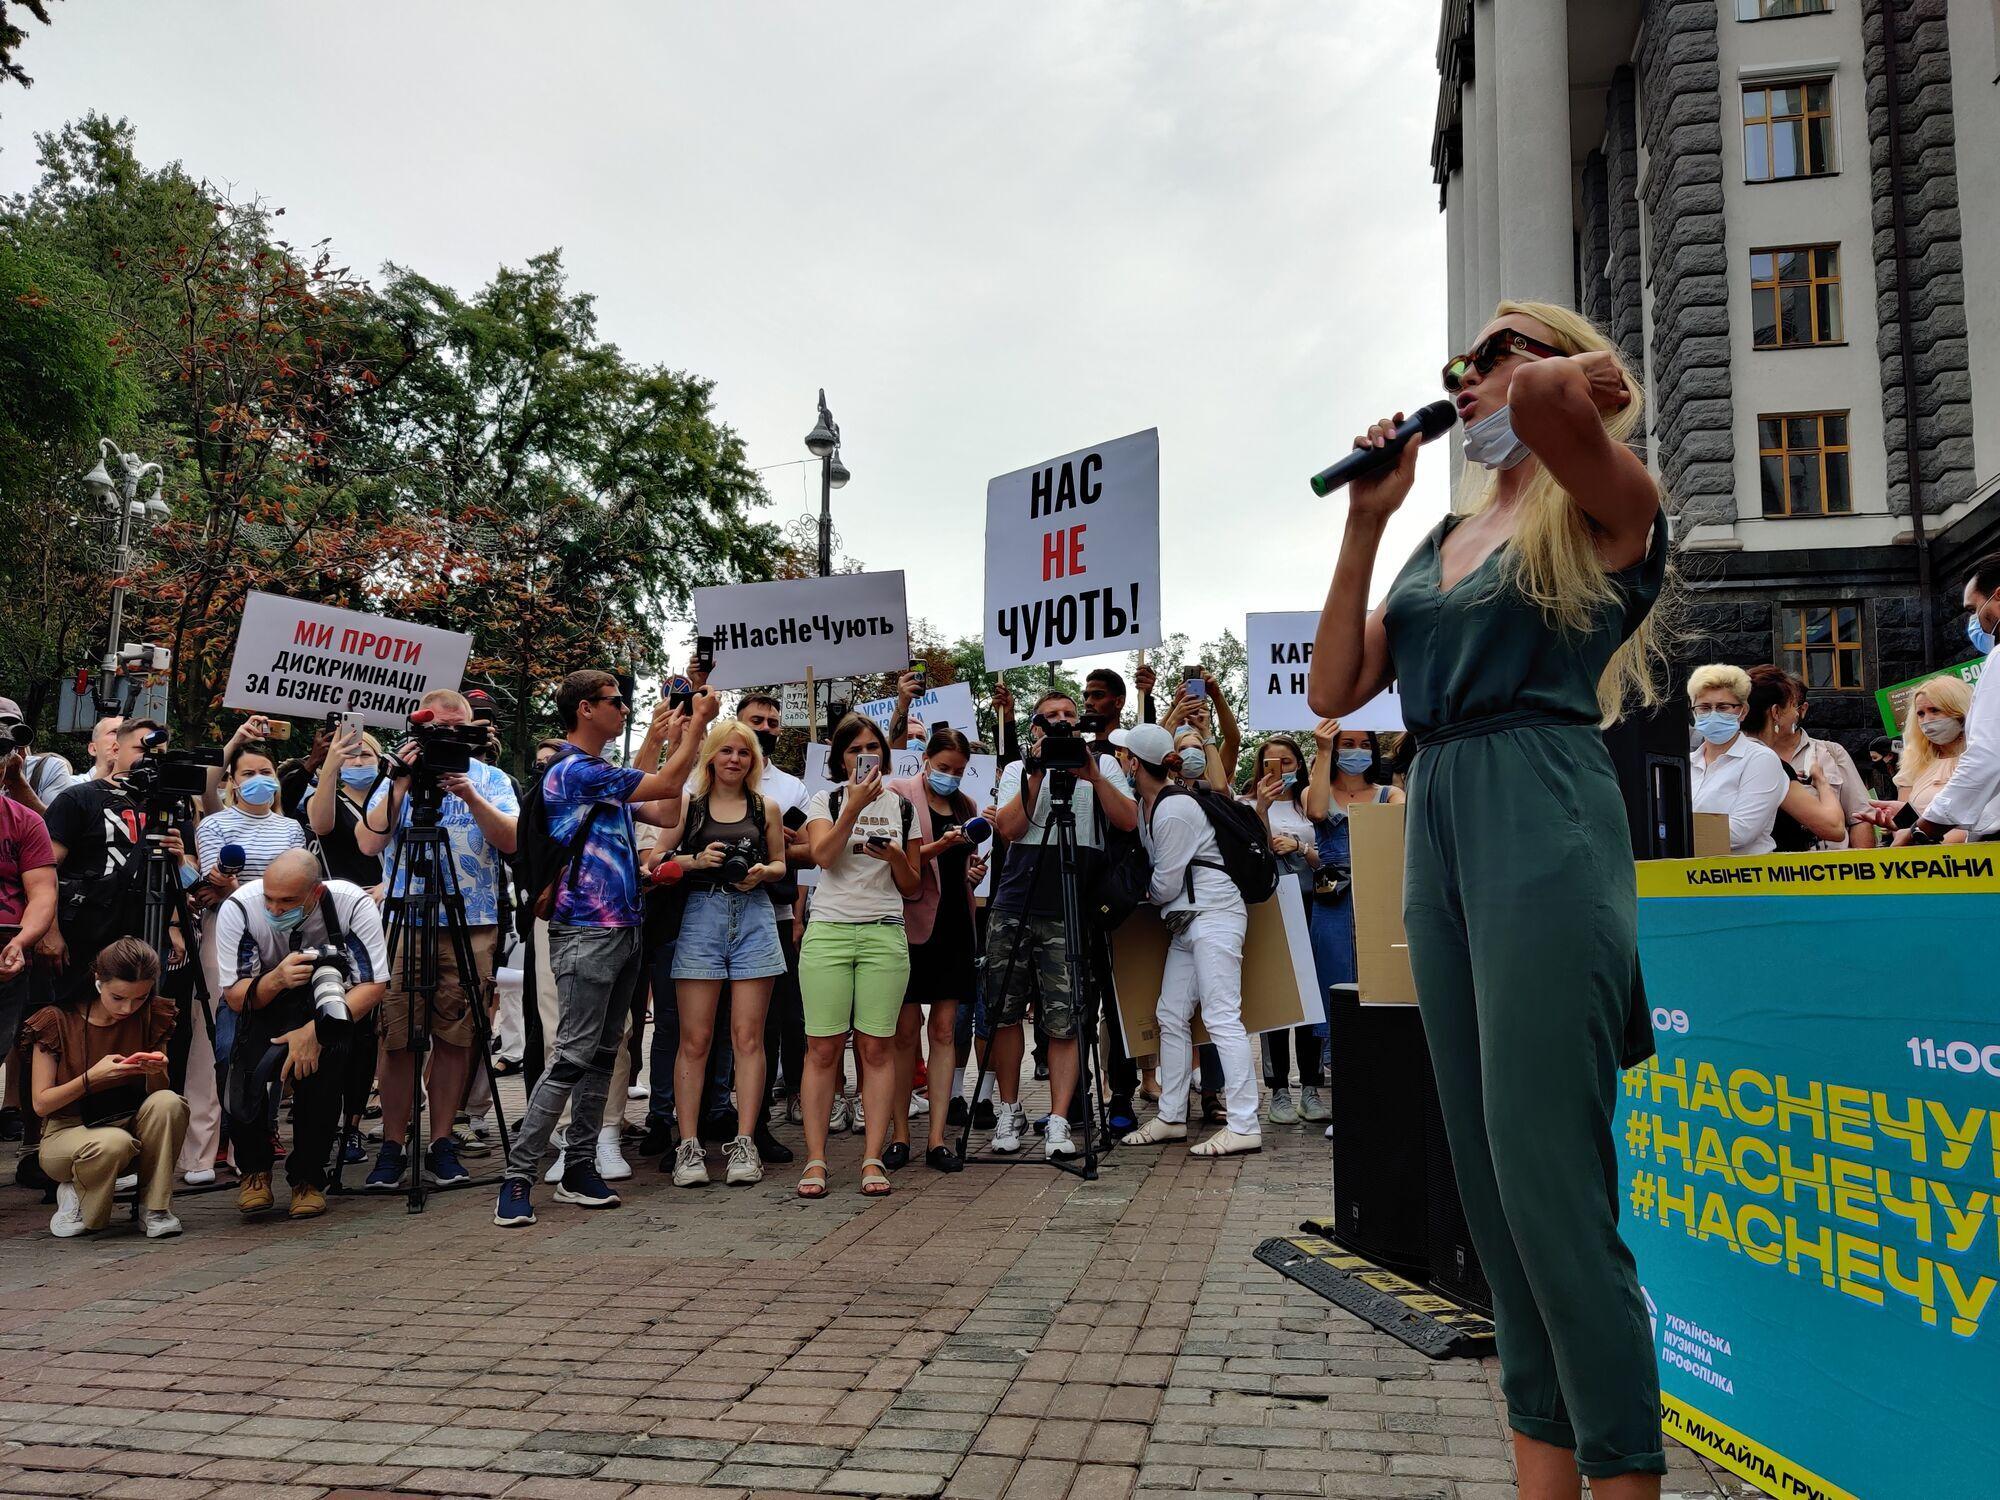 Оля Полякова та інші зірки раніше вийшли на мітинг через скасування концертів.